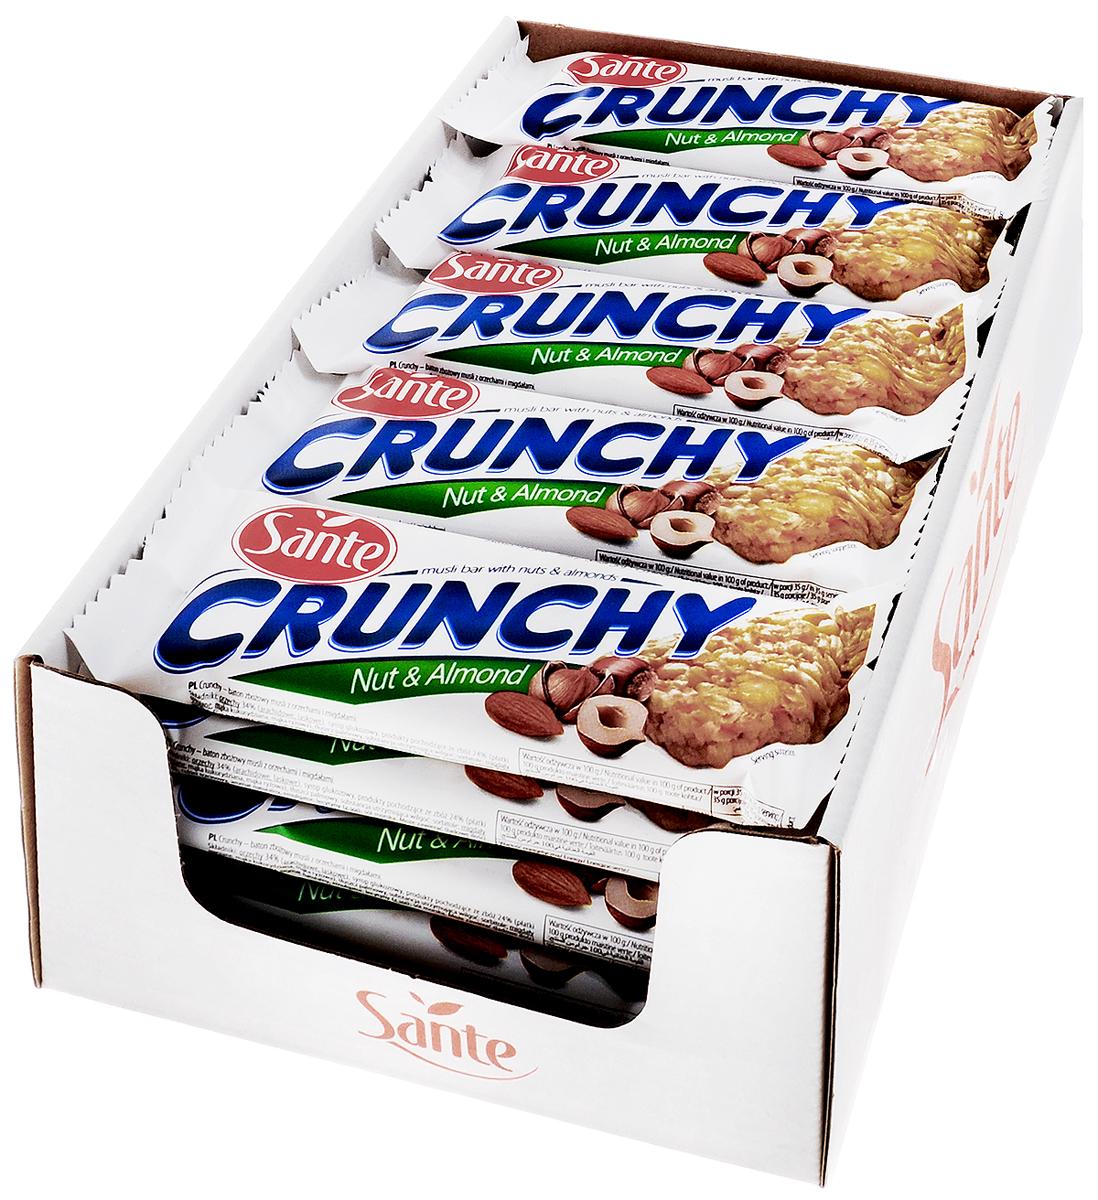 Sante Crunchy батончикмюслисорехами,35г (25 шт)4620000677239БатончикмюслиSante Crunchy имеет высокую питательную ценность и прекрасные вкусовые качества. Они являются прекрасной альтернативой высококалорийным шоколадным батончикам.